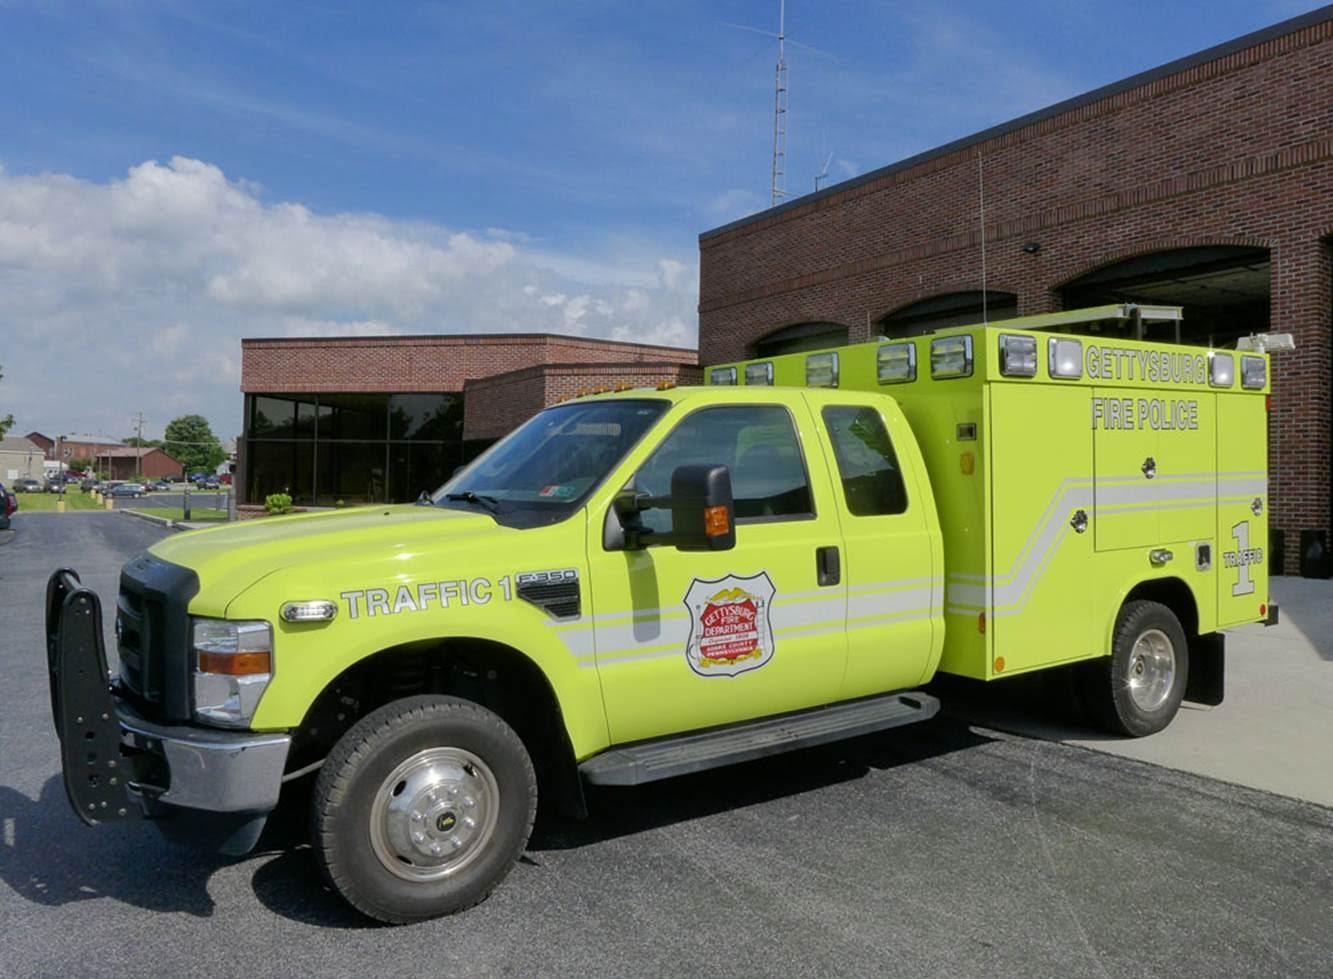 Gettysburg Fire Departement Traffic 1